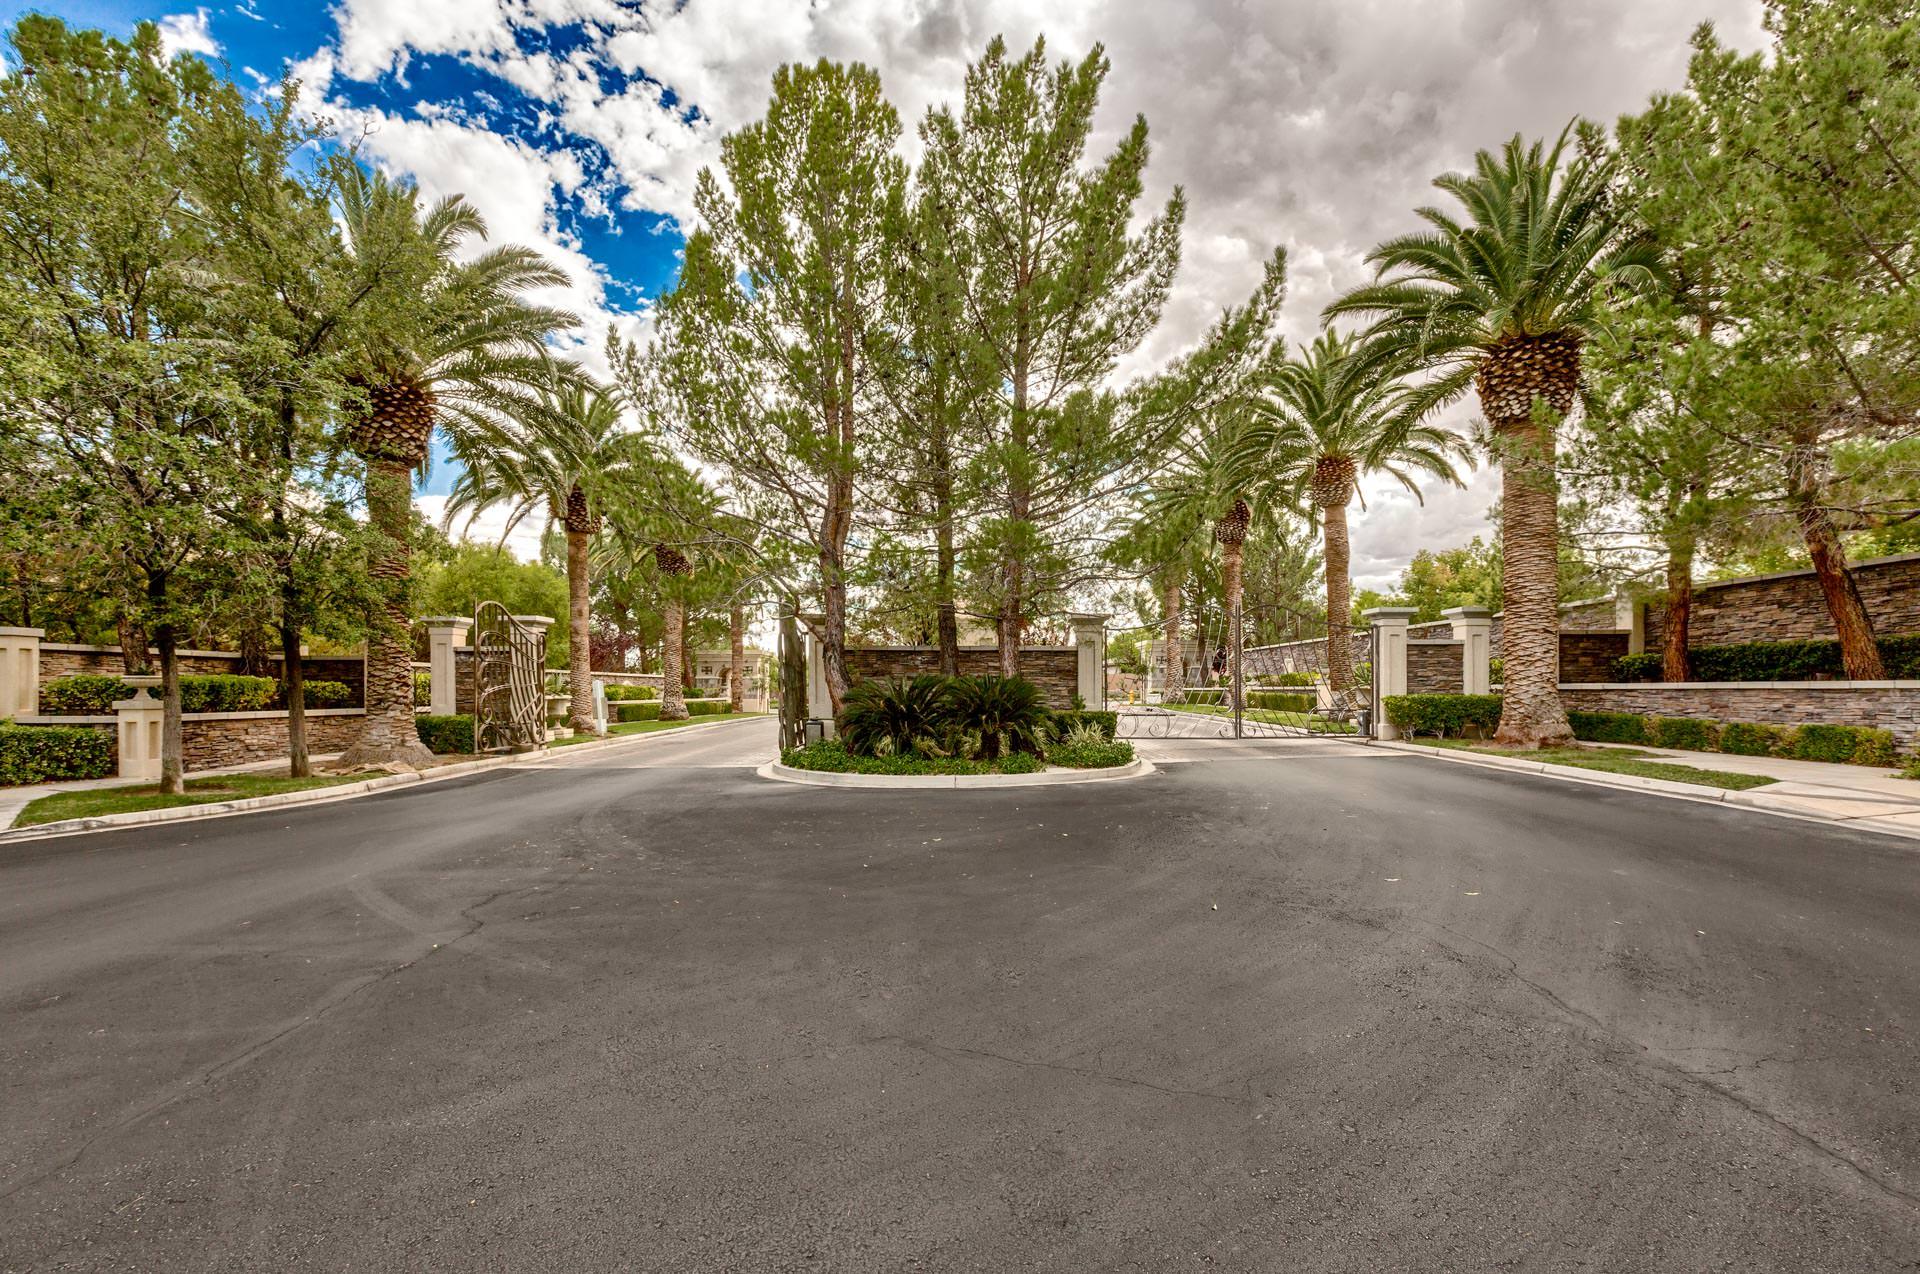 Eagle Rock Homes For Sale Las Vegas